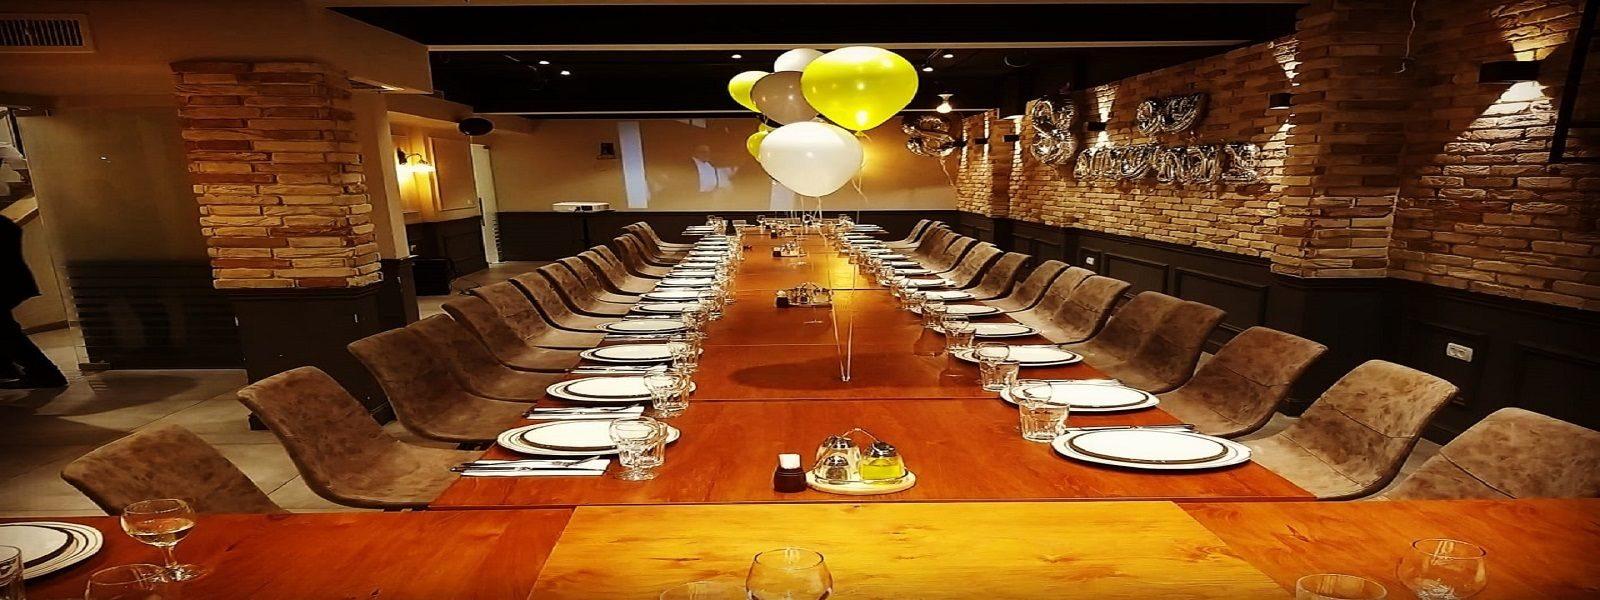 אל גאוצ'ו – מסעדה ואירועים בראשון לציון עם בשר